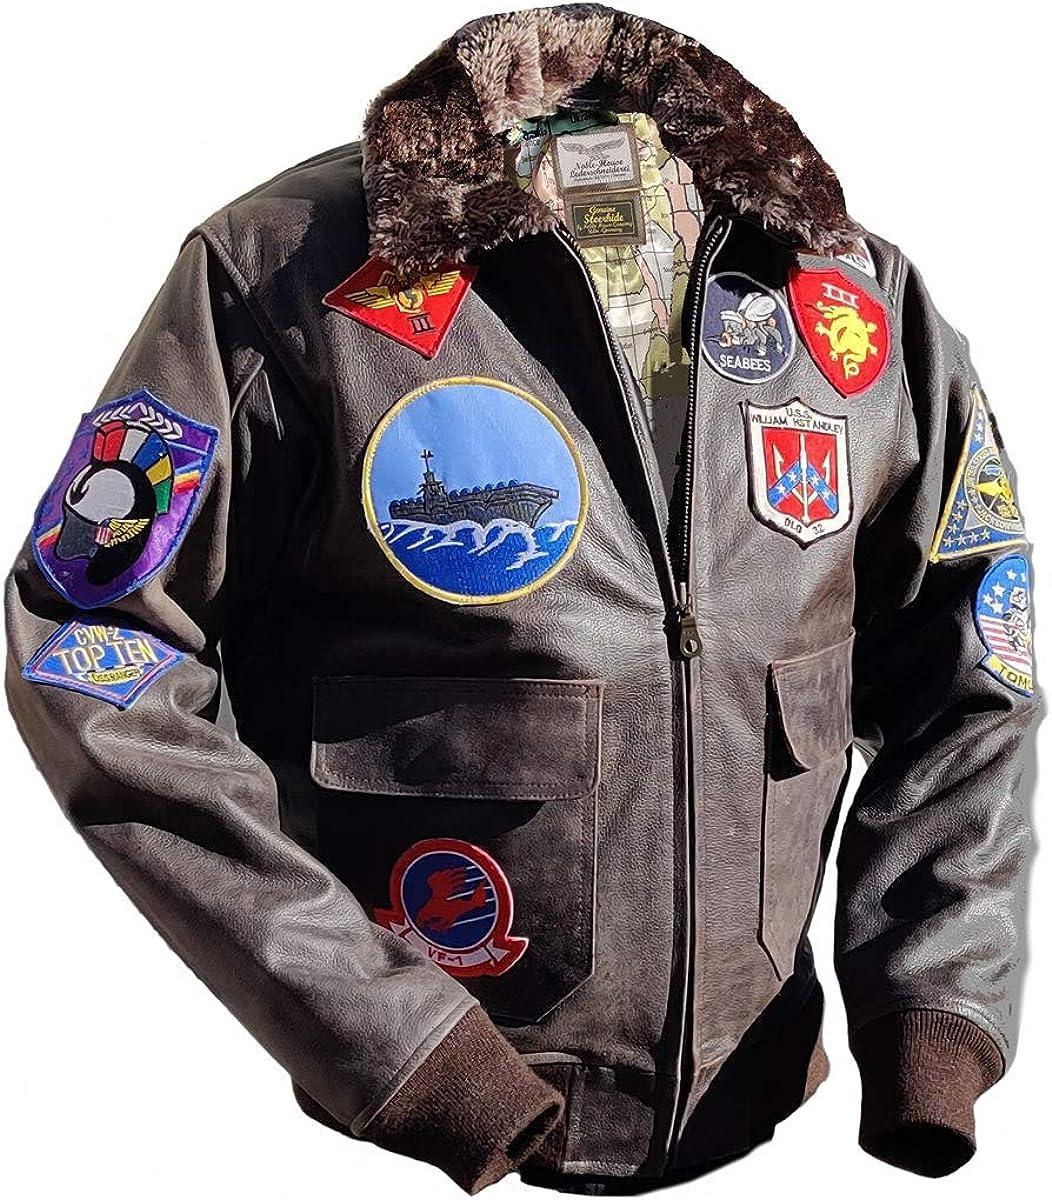 Noble House Top Gun Mavericks Chaqueta de Piloto en Cuero de Toro Marrón: Amazon.es: Ropa y accesorios